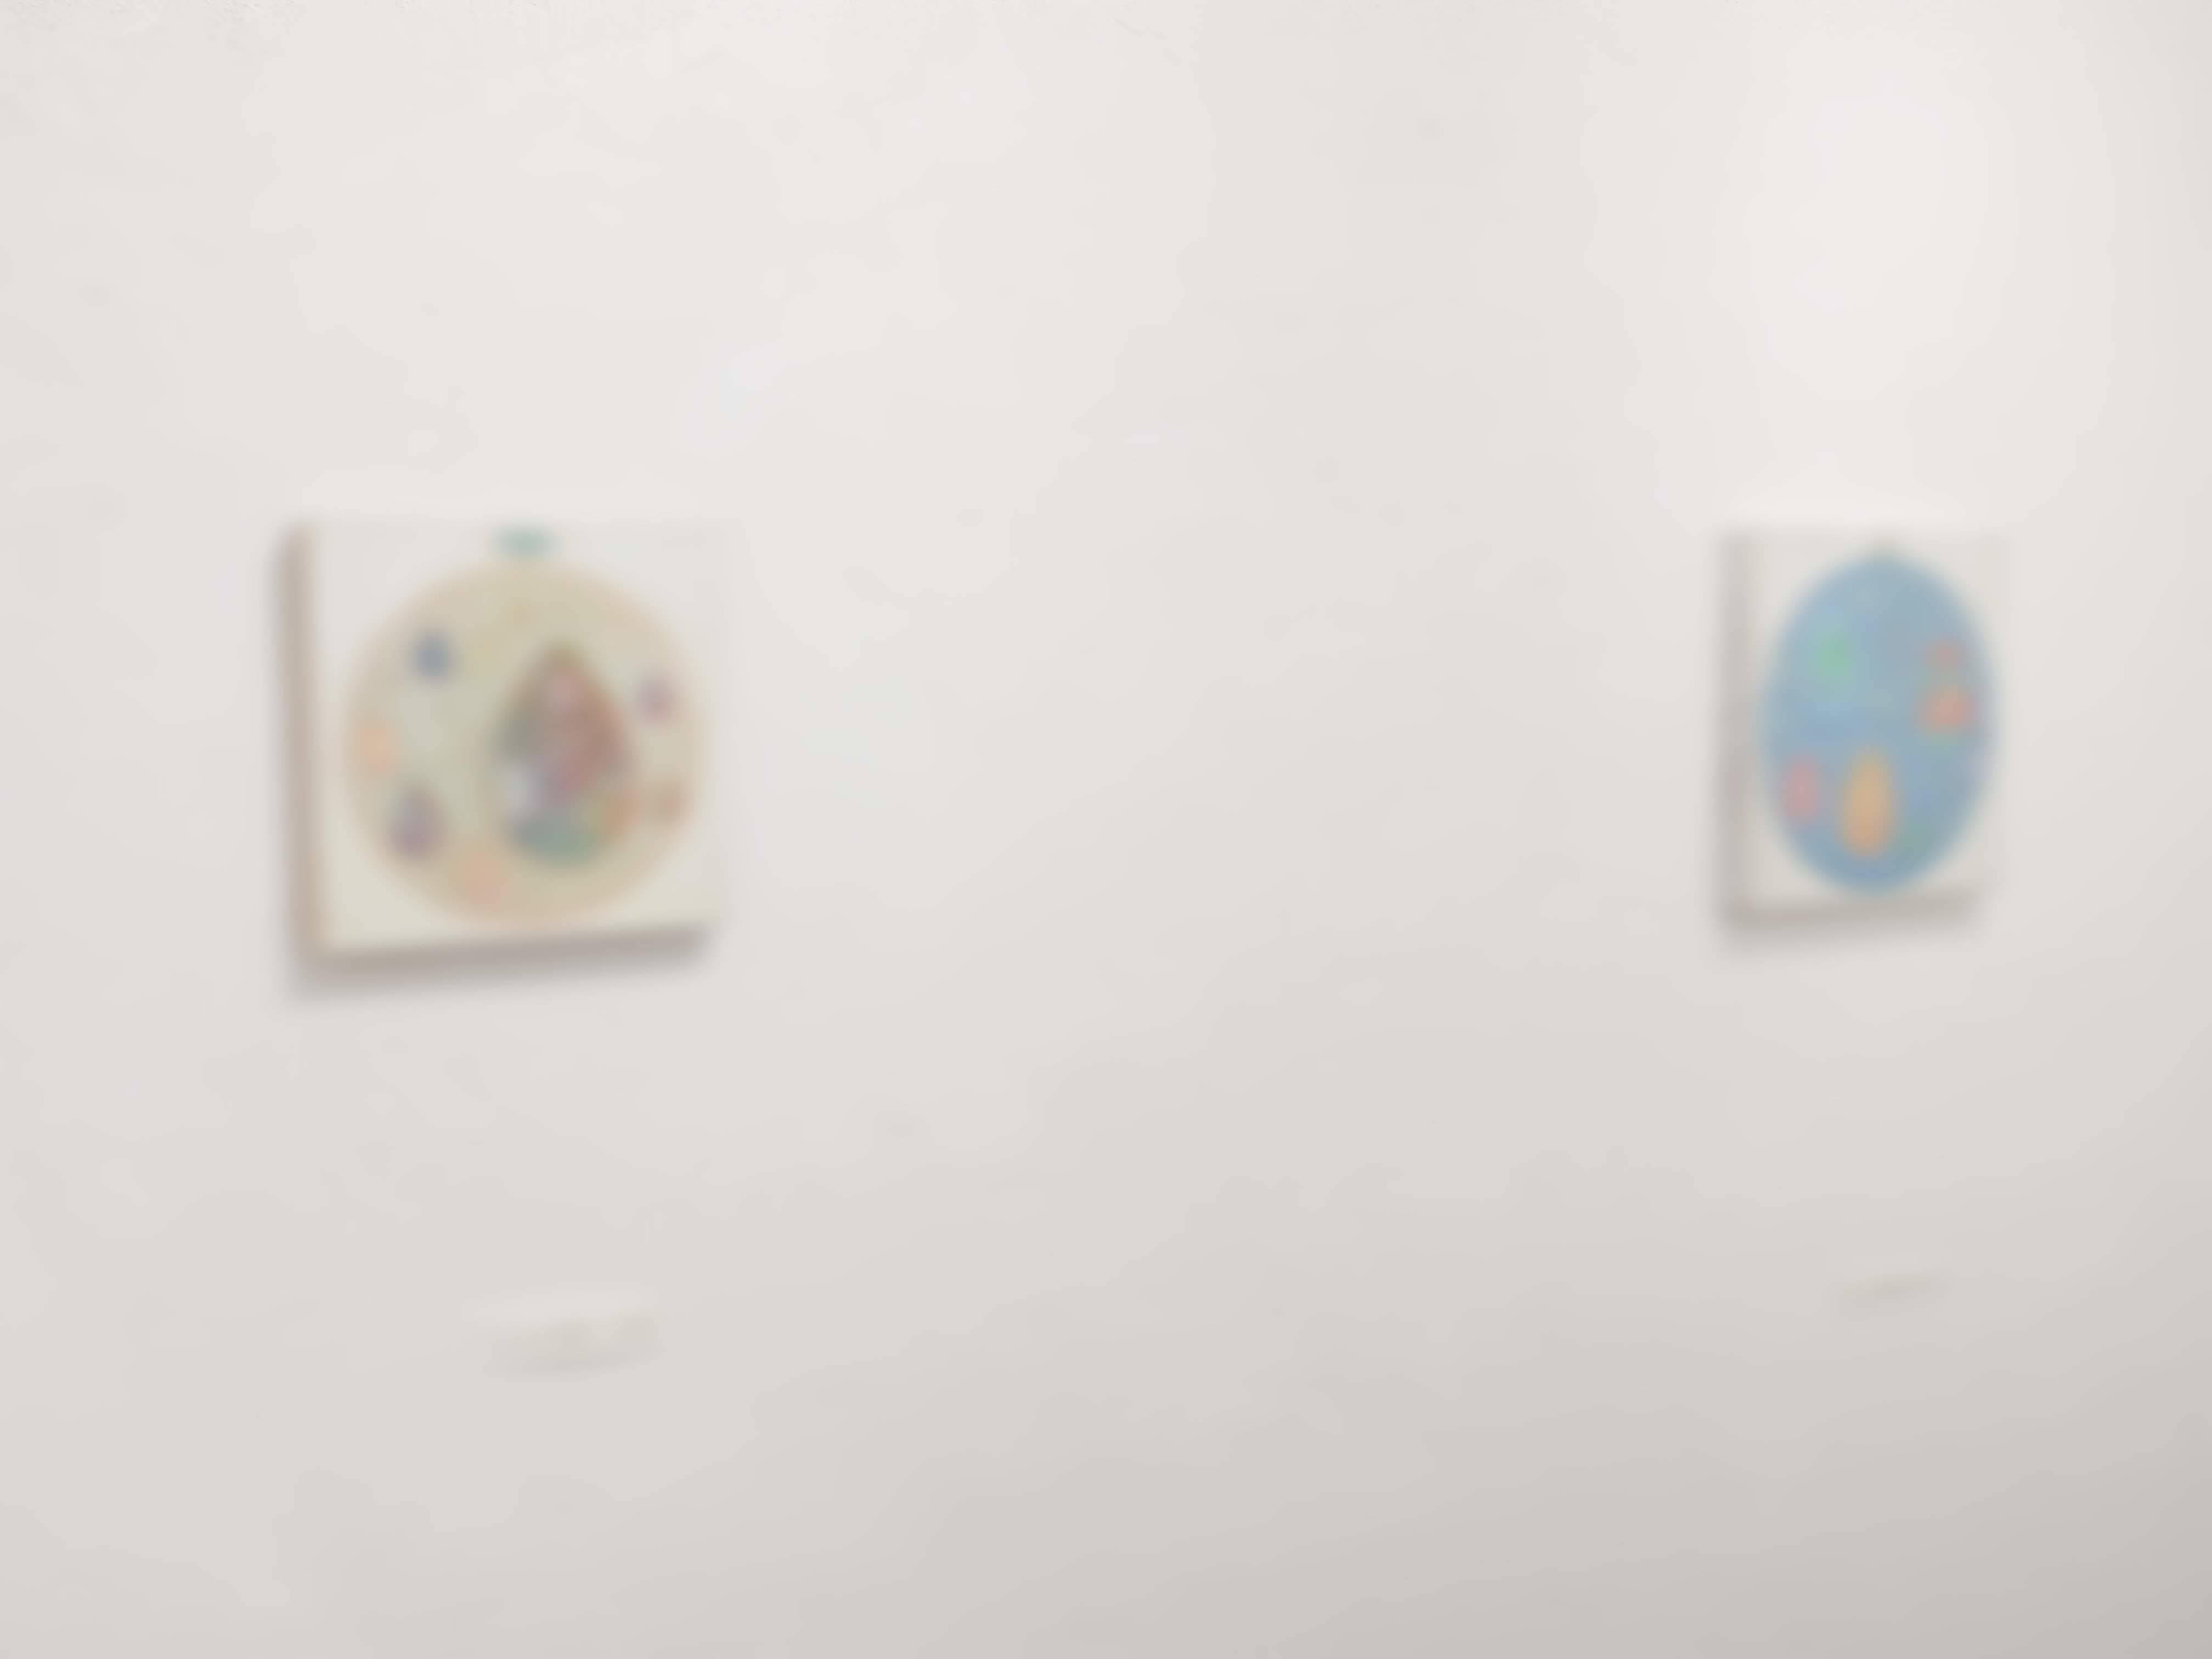 上西 慶子 絵画展 絵水浴 @ 4日目_e0272050_18182573.jpg